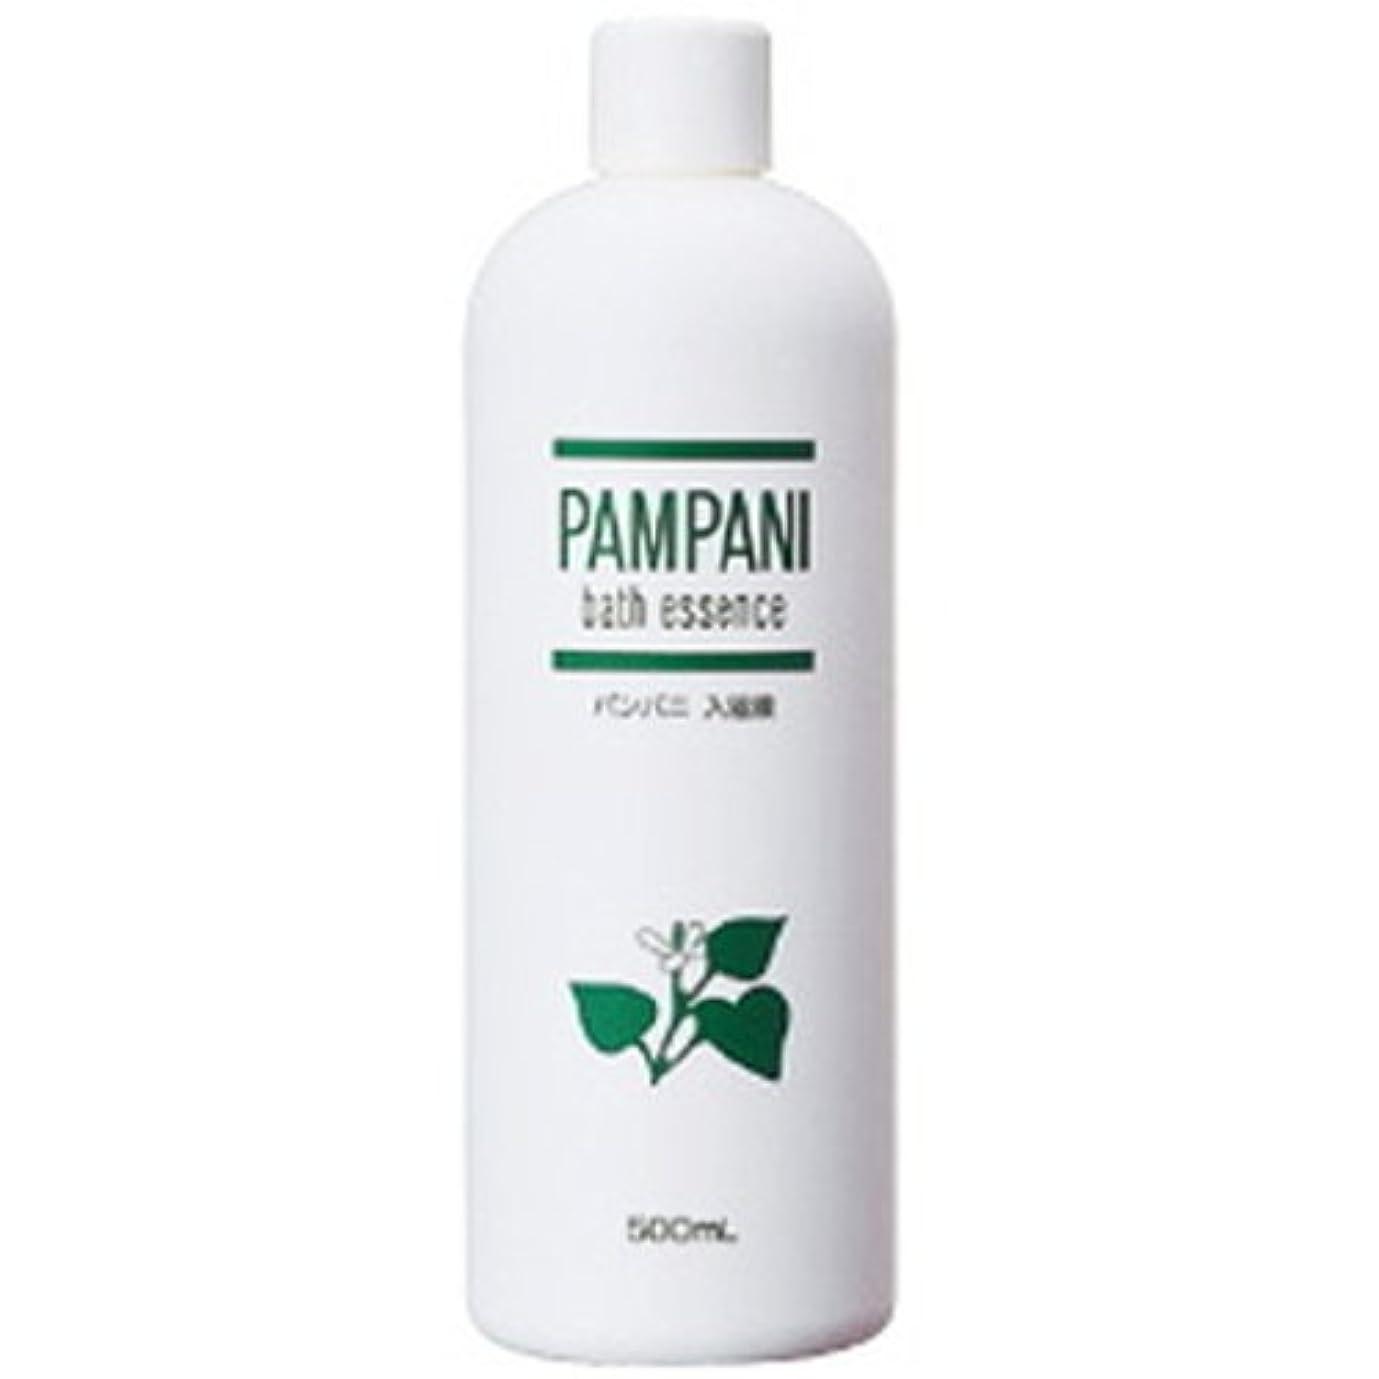 リフレッシュ戸棚メトロポリタンパンパニ(PAMPANI) 入浴液(希釈タイプ) 500ml